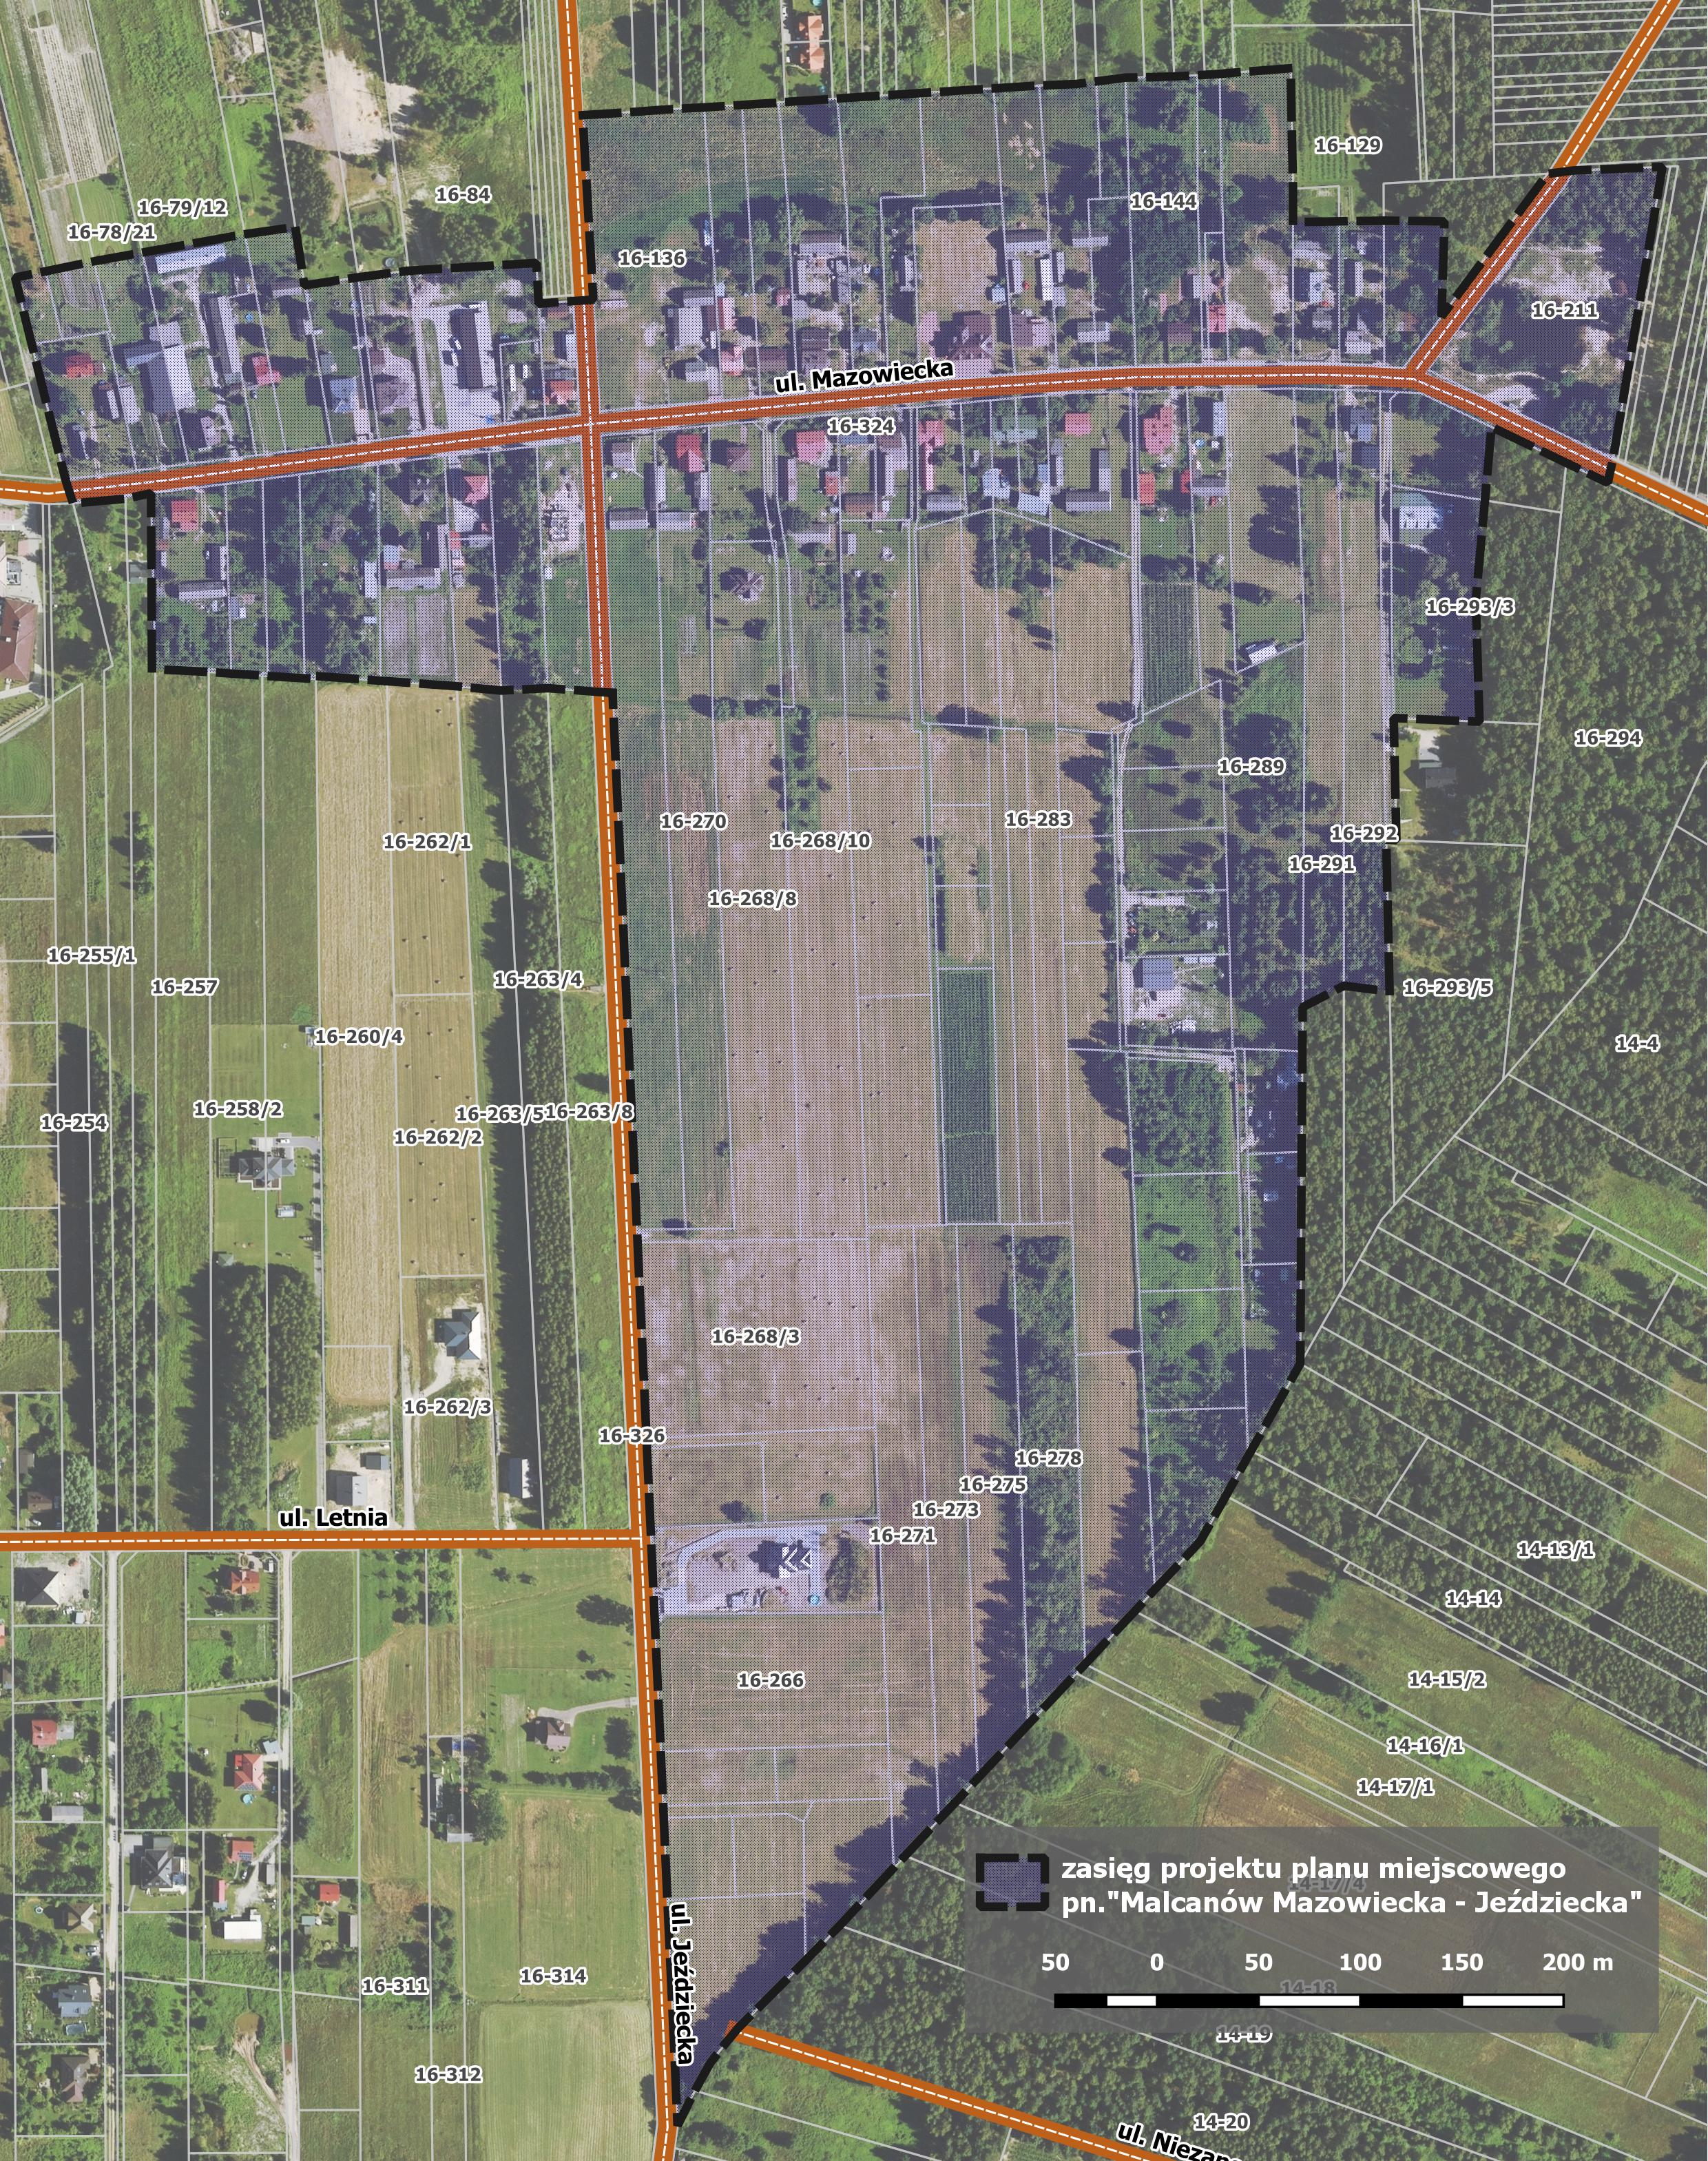 Projekt miejscowego planu Malcanów Mazowiecka -Jeździecka